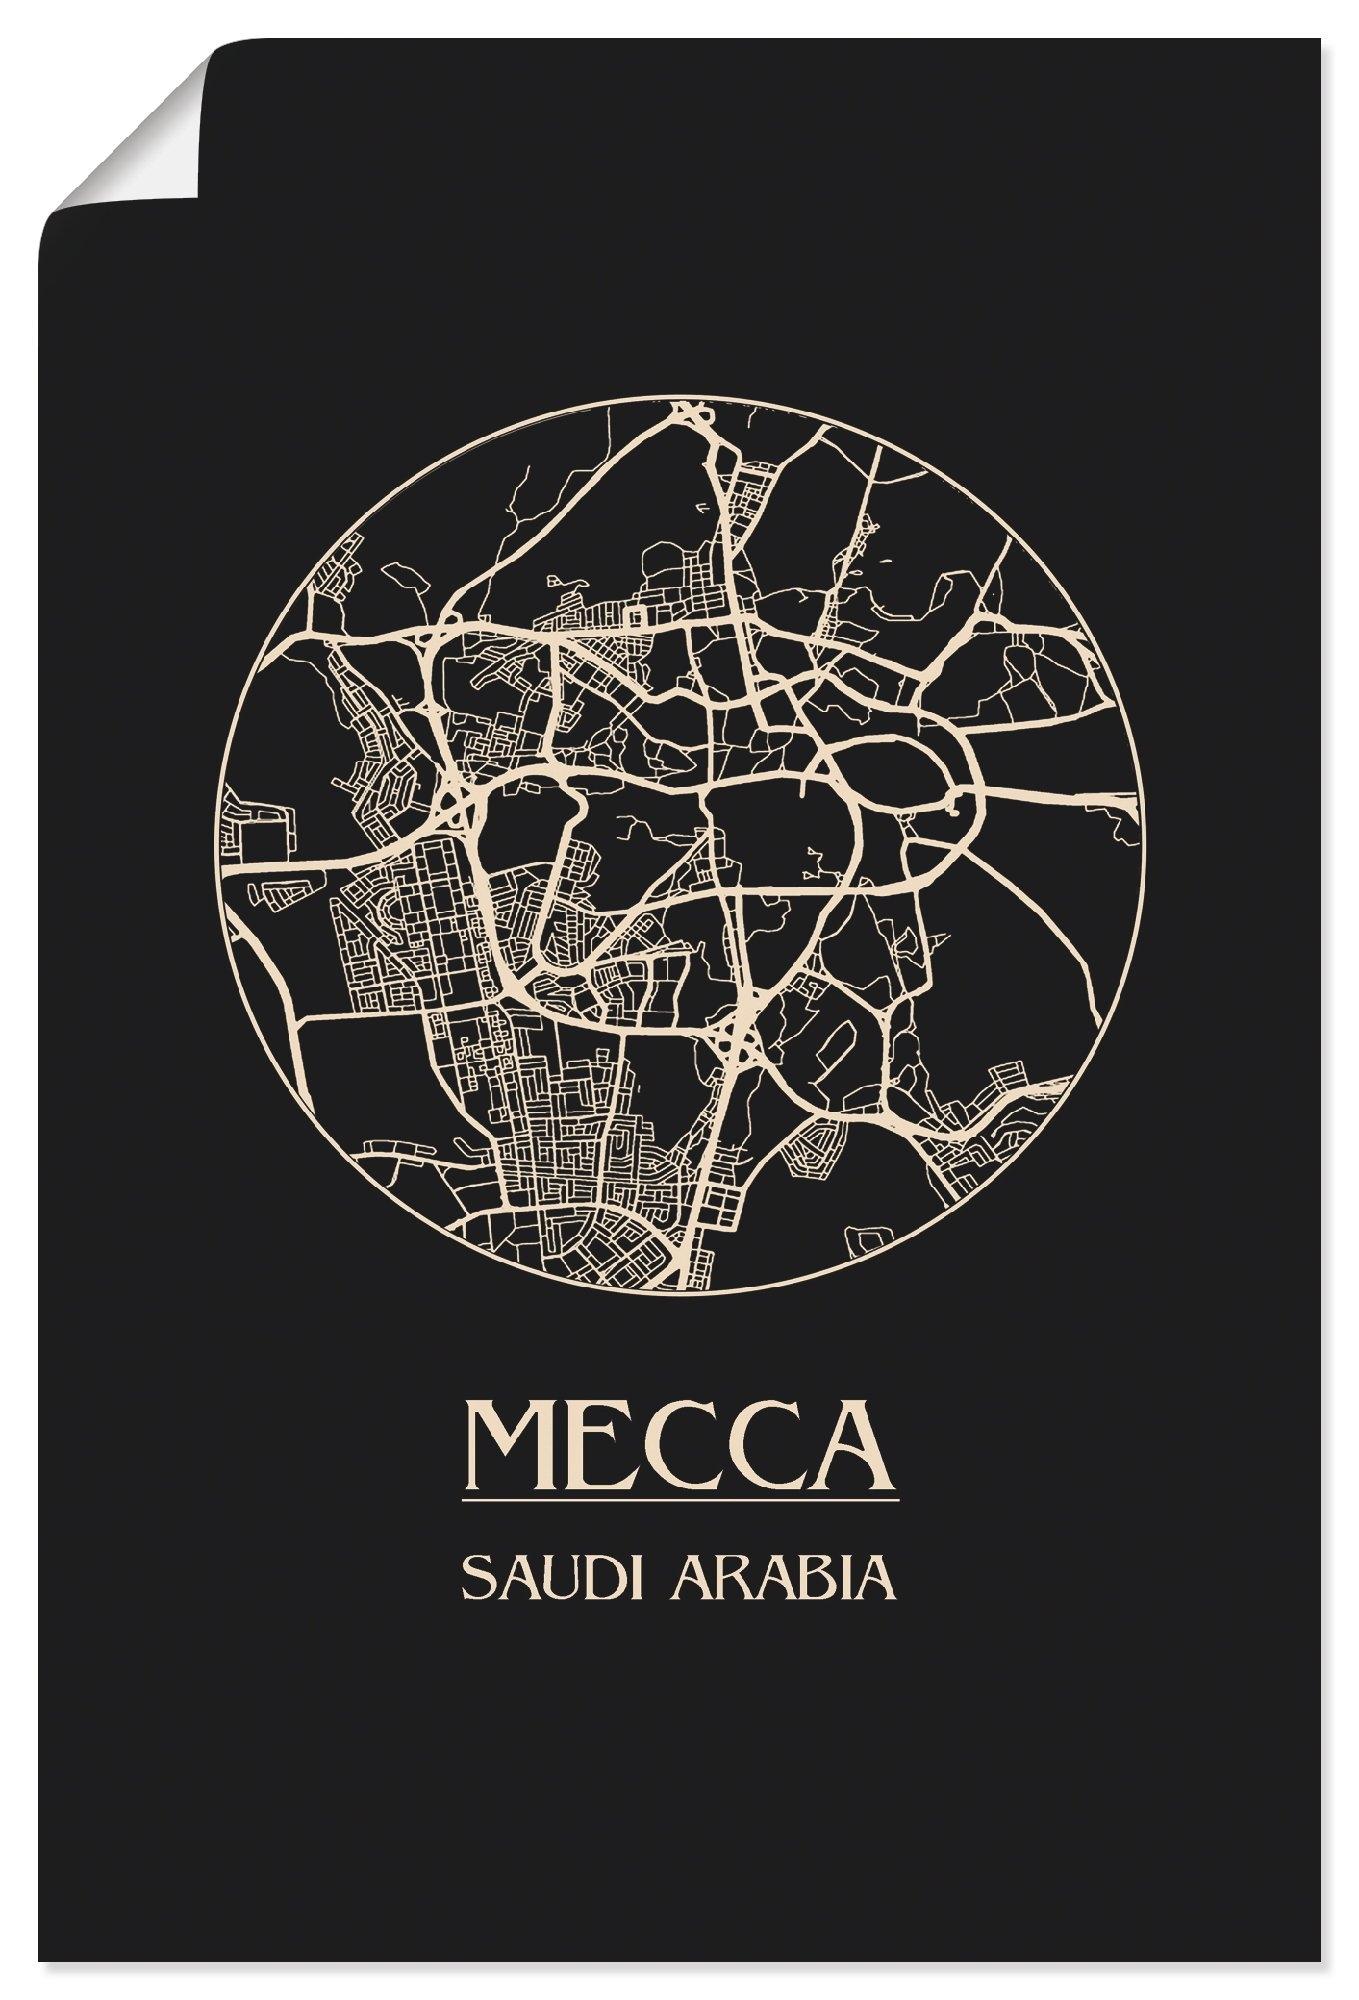 Artland artprint Retro kaart Mekka cirkel in vele afmetingen & productsoorten - artprint van aluminium / artprint voor buiten, artprint op linnen, poster, muursticker / wandfolie ook geschikt voor de badkamer (1 stuk) nu online kopen bij OTTO